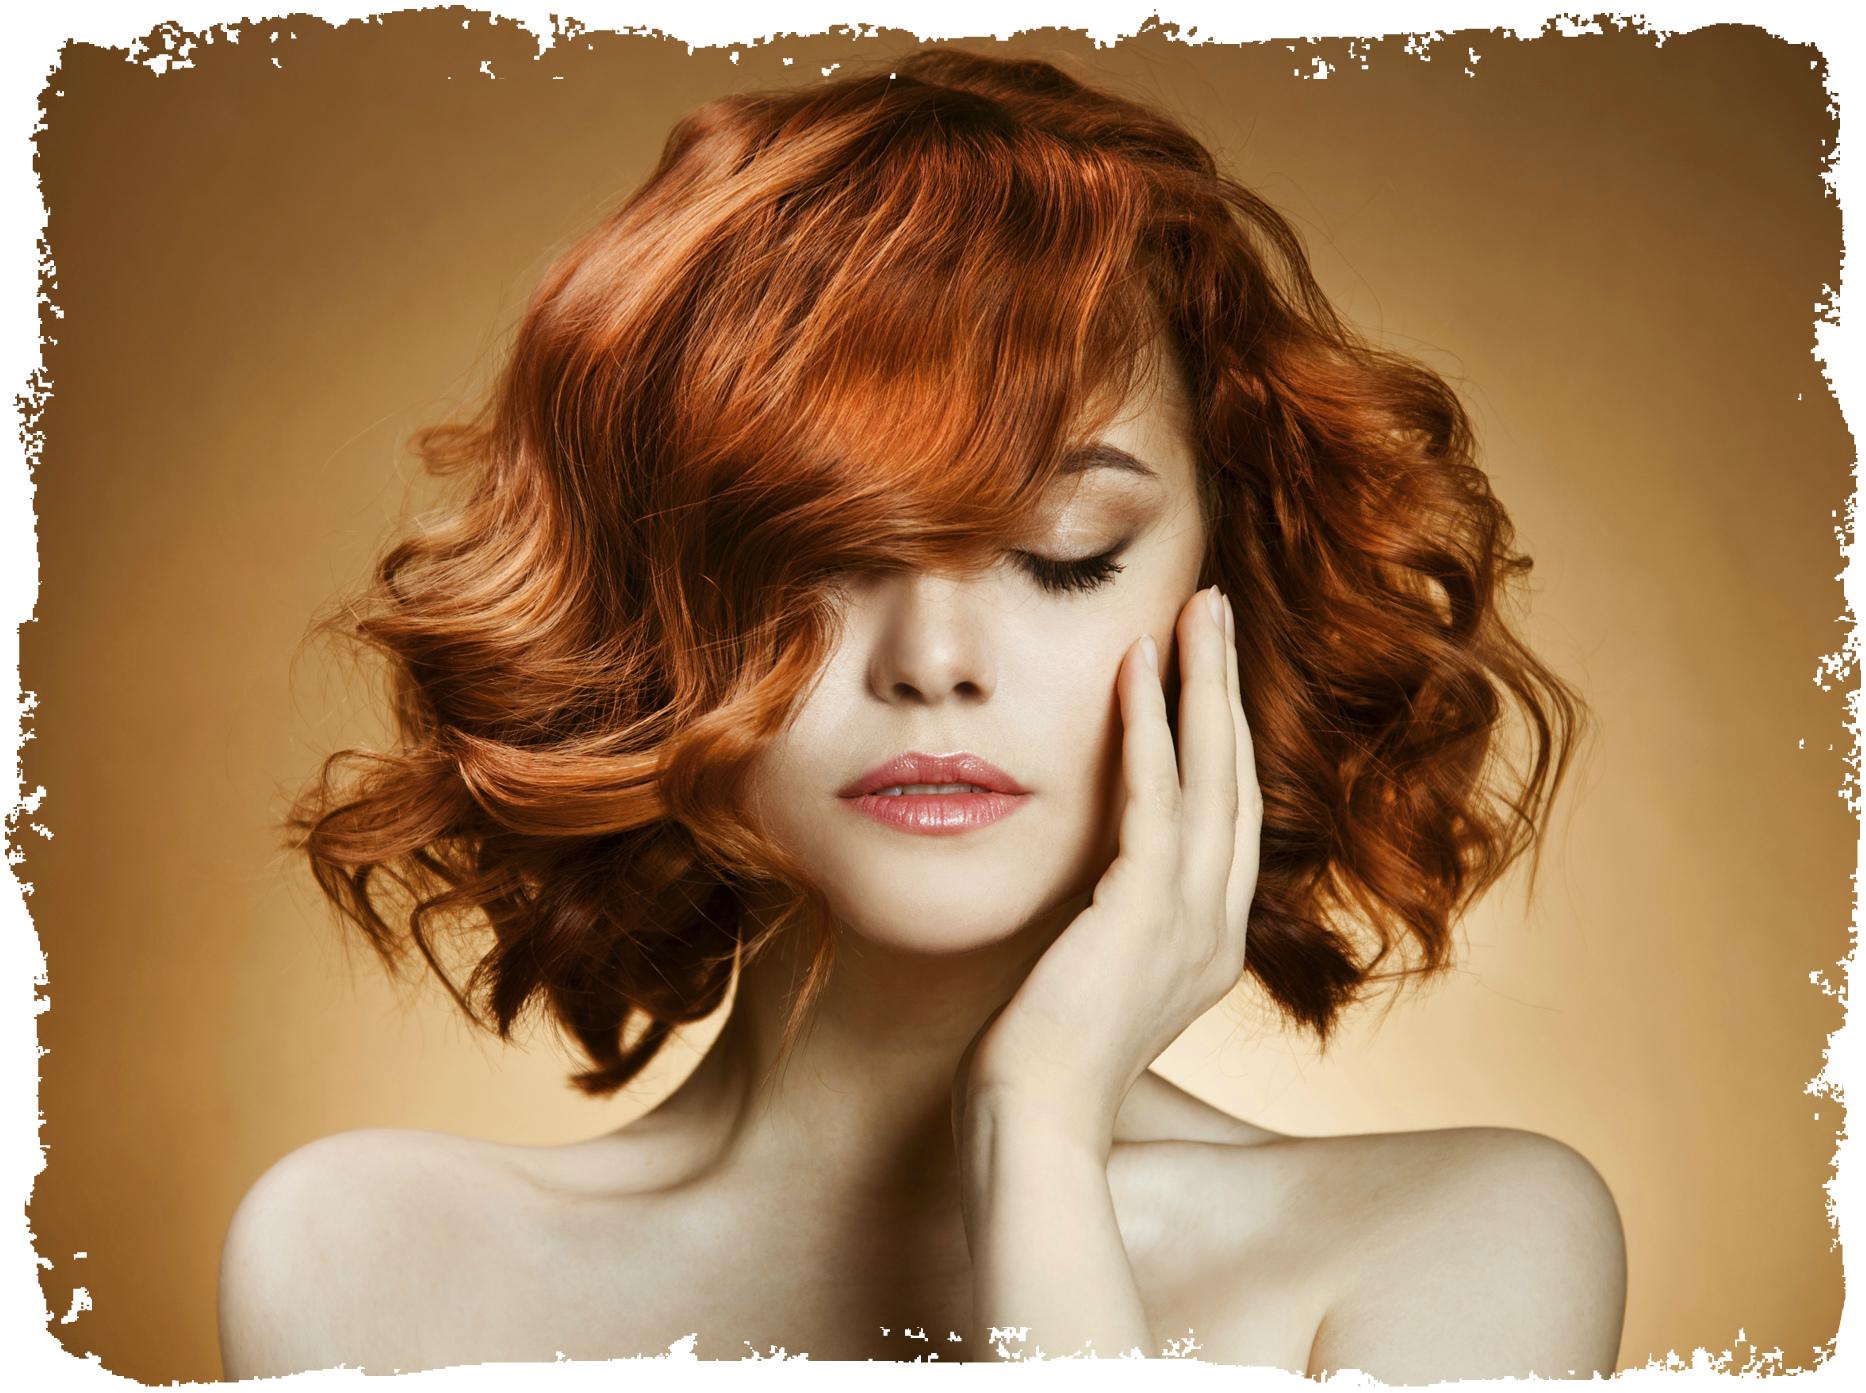 косметика для ухода за волосами фото